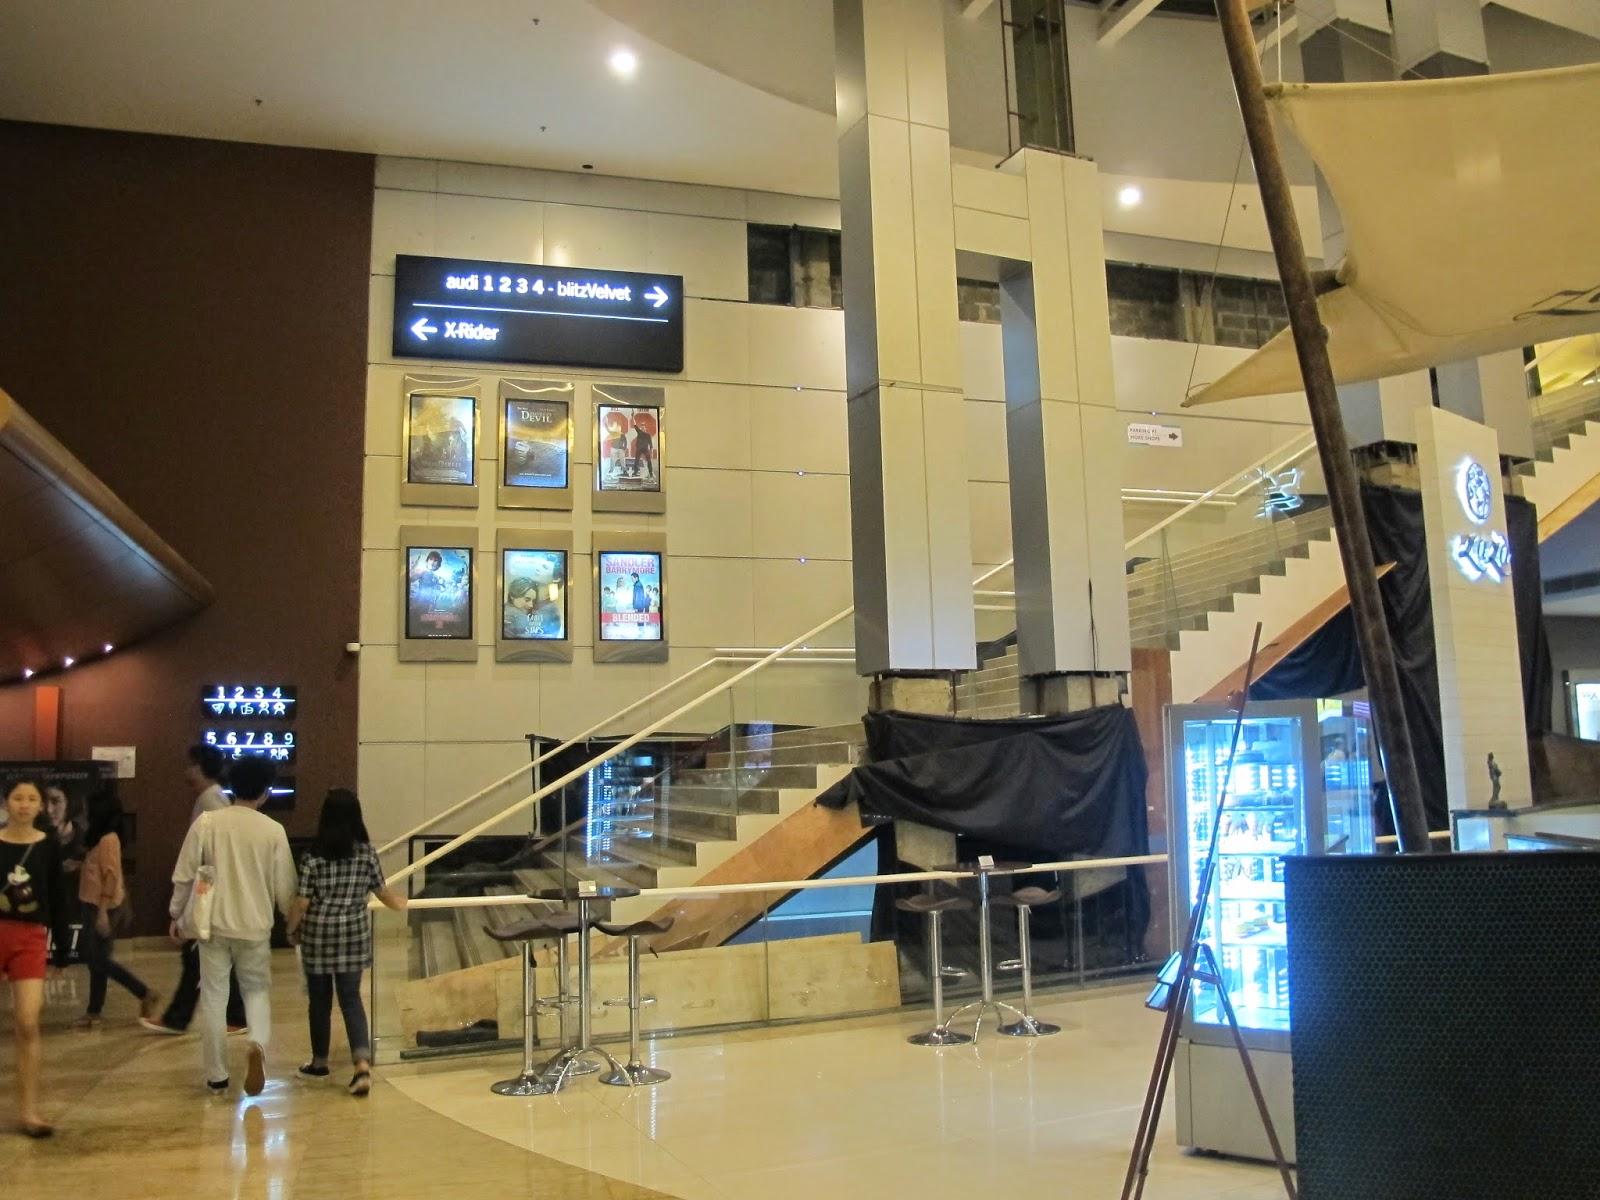 Michelle noms 4dx movie experience blitzmegaplex pvj a glimpse of blitzmegaplex reheart Gallery